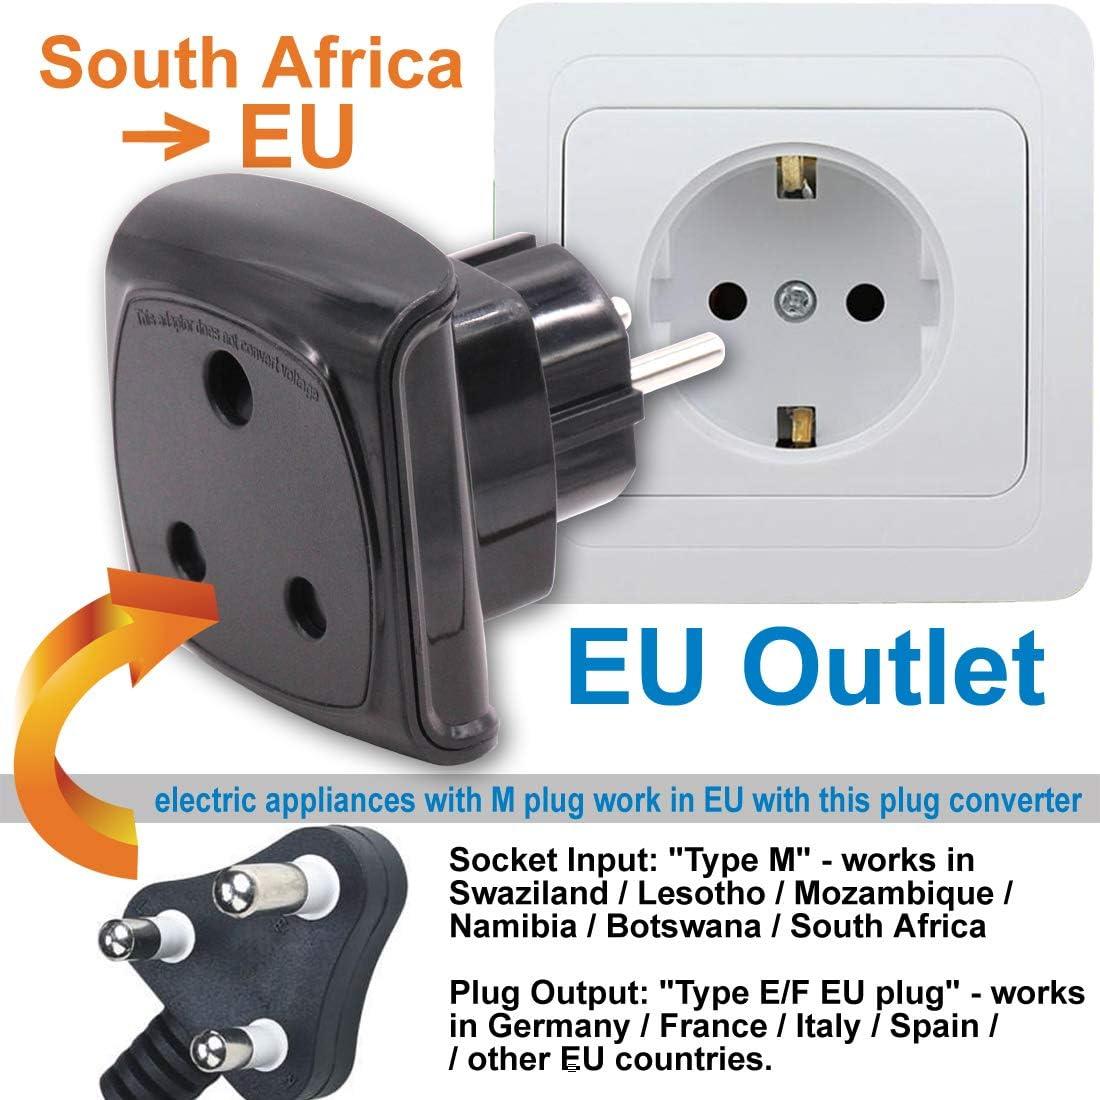 Adaptador de Enchufe de Sudáfrica Tipo M de 3 Clavijas Grande a 2 Clavijas UE/Alemania/Francia/España/Italia con Obturador de Seguridad (1 Pieza Negro): Amazon.es: Electrónica